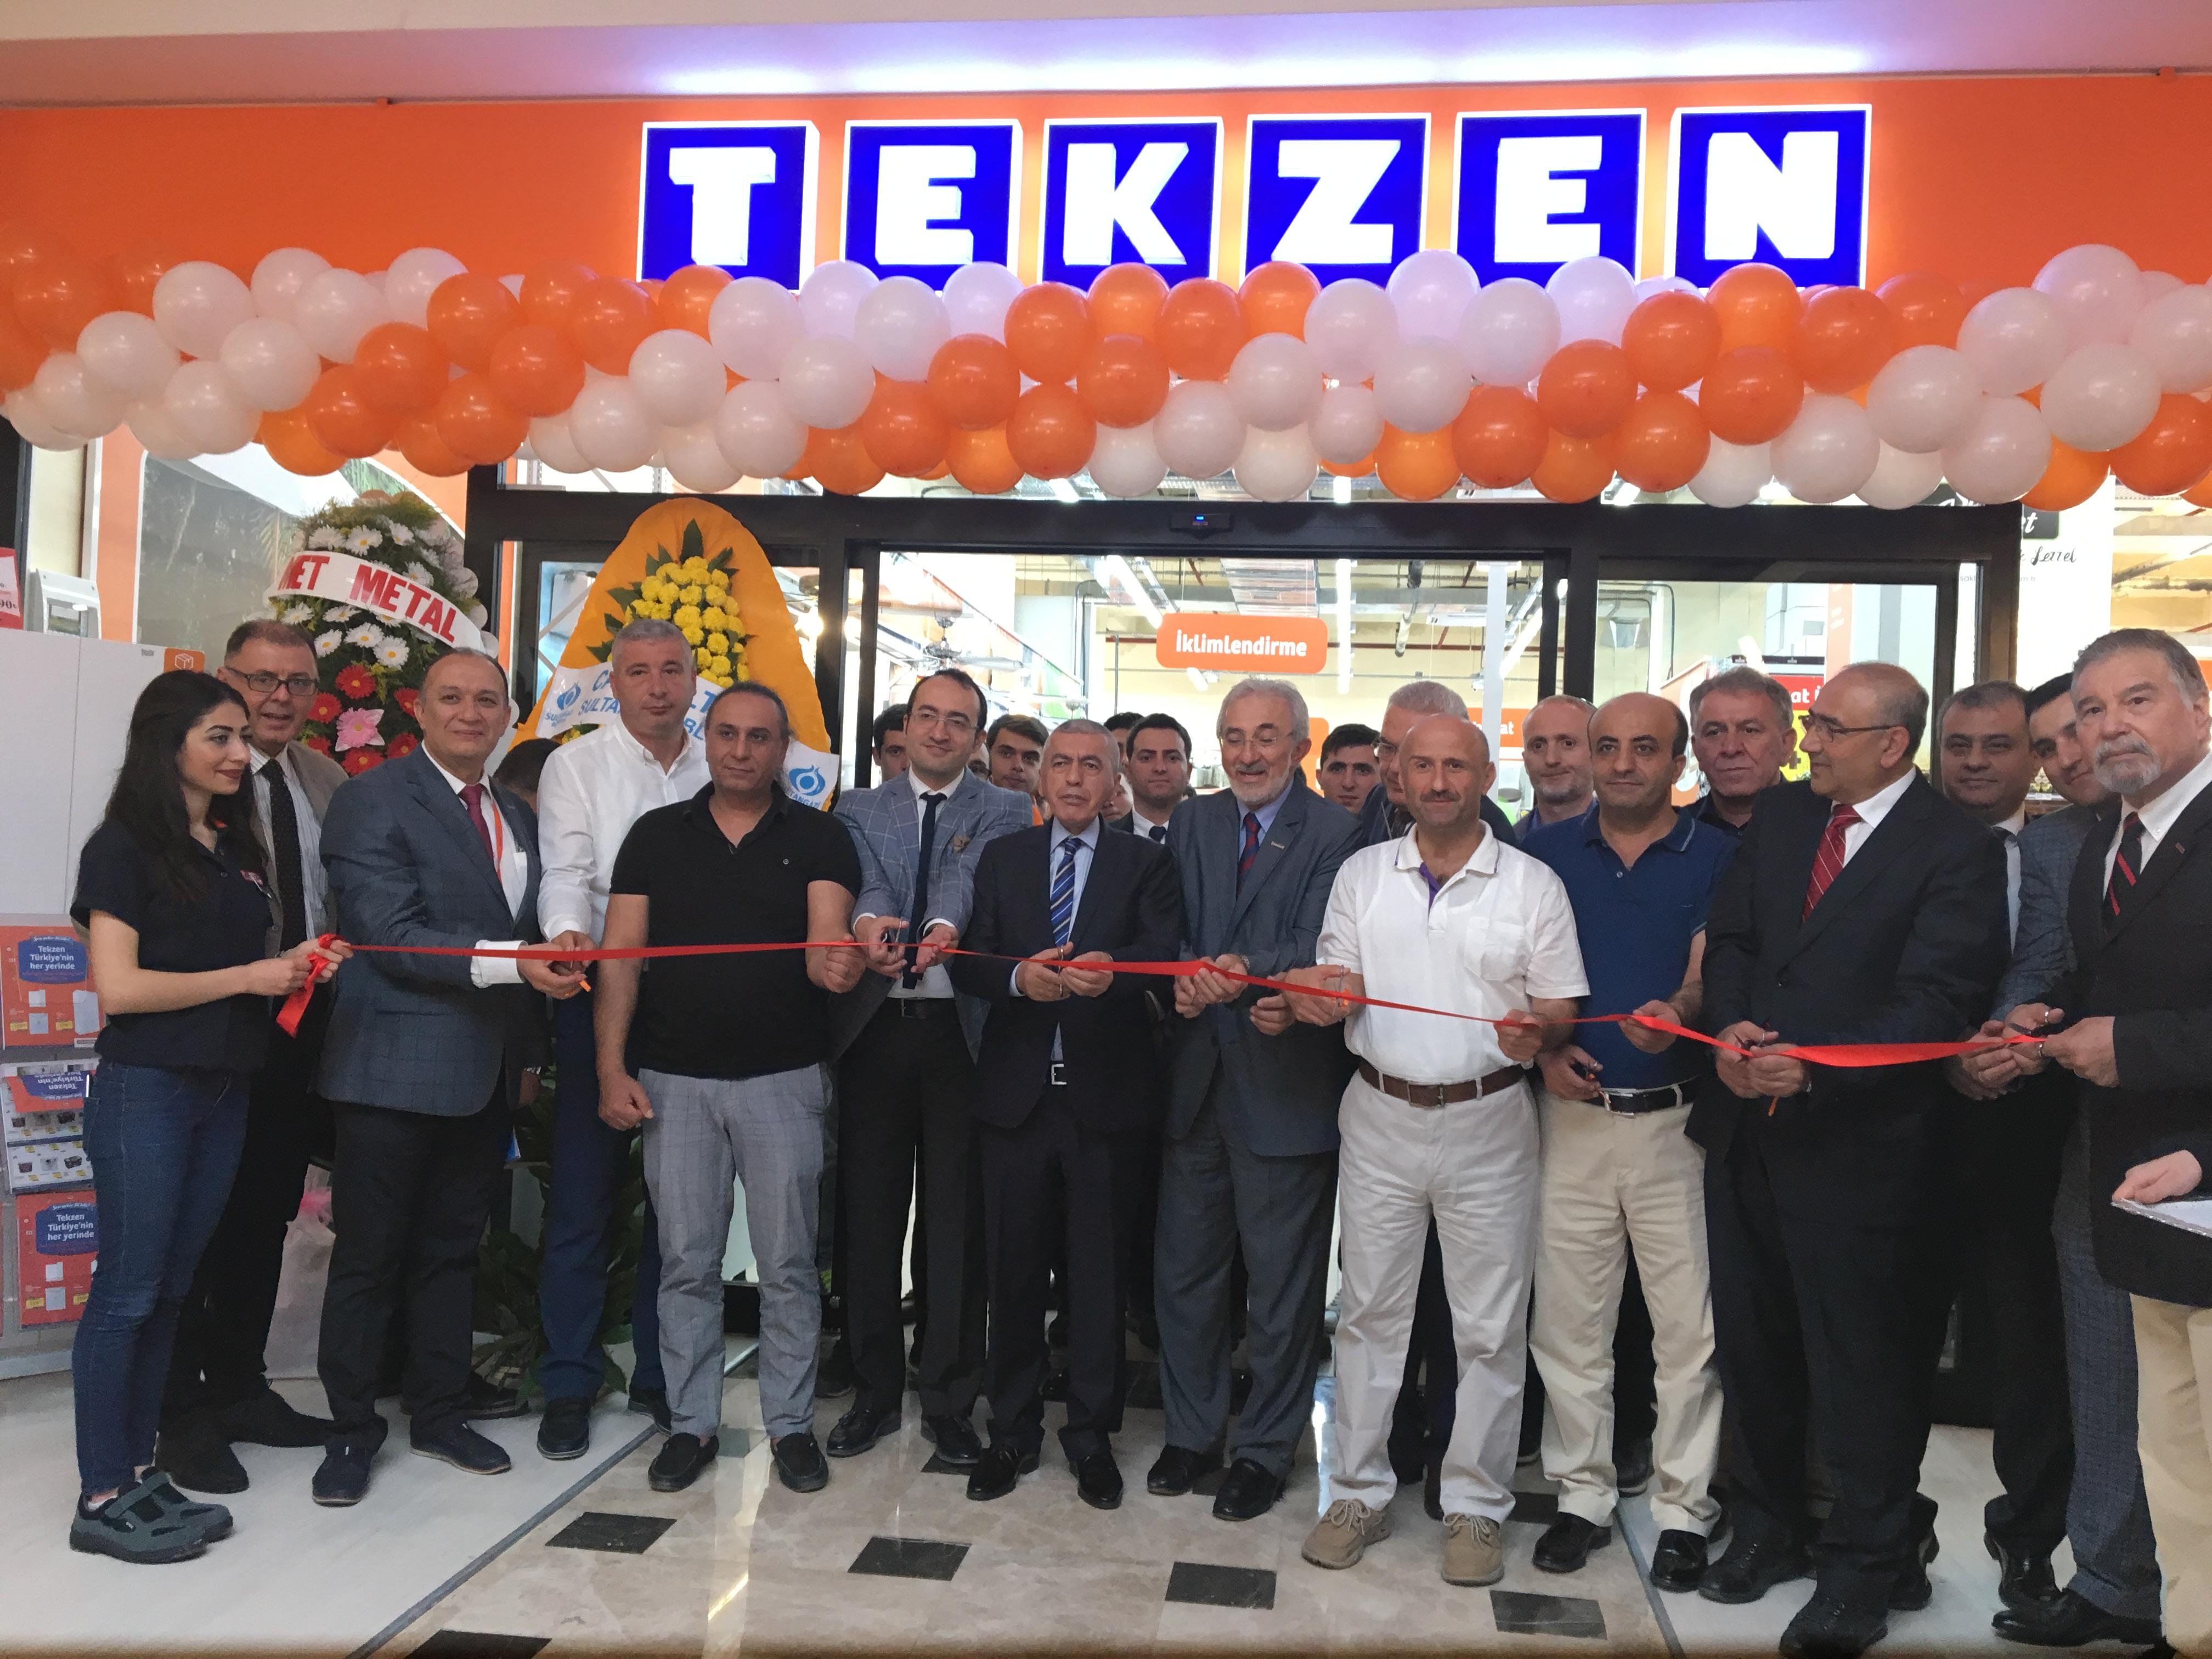 Tekzen'in İstanbul'daki 14. mağazası Sultangazi'de açıldı